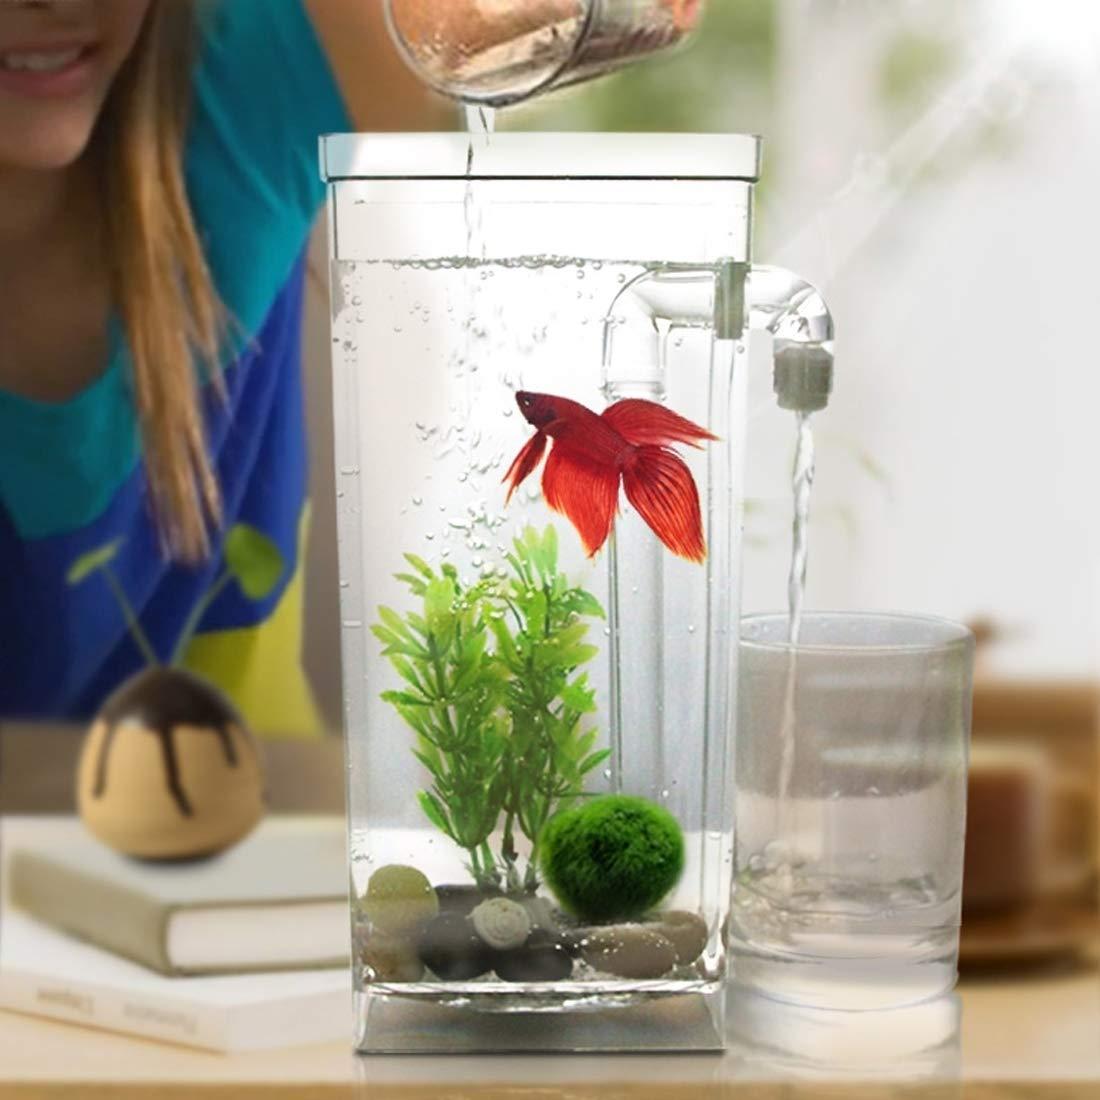 Lanbinxiang@ Plastica Quadrata Creativa Ecologica Desktop Mini Acquario Fish Bowl in oro, Acquario Pigro con ciottoli, Erba vegetale, LED Light e Super Cisterna Bellissimo